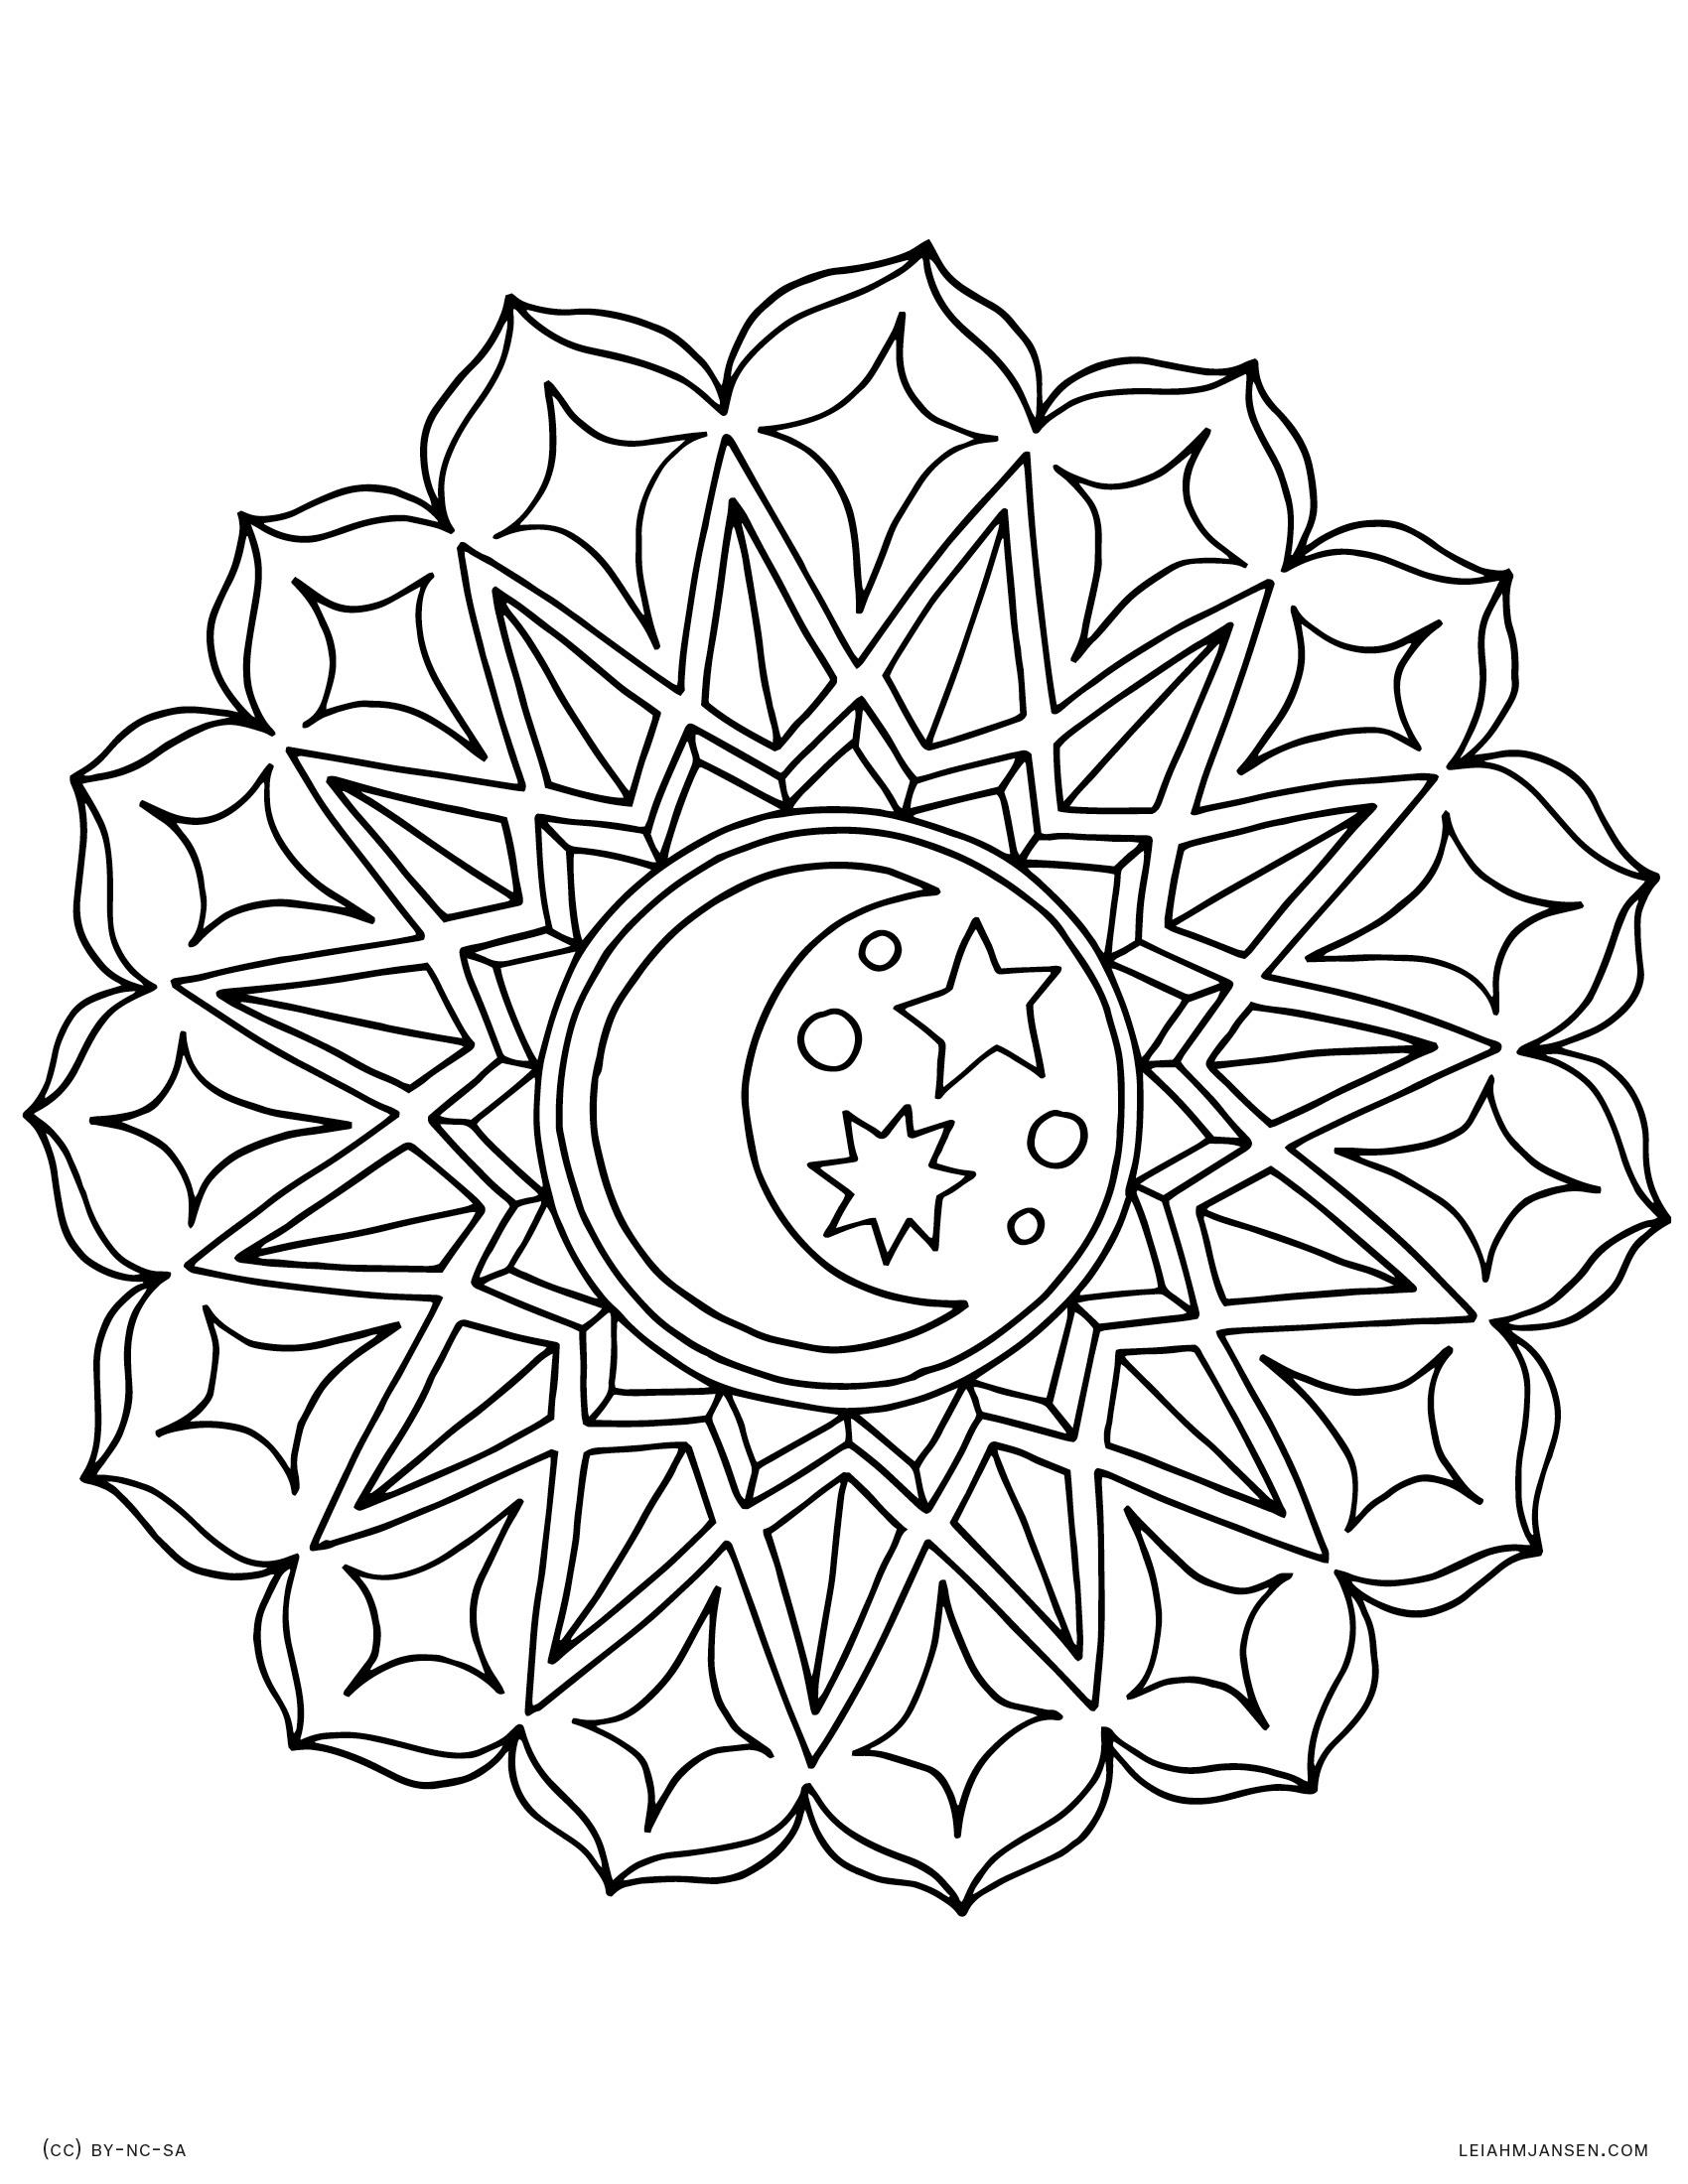 Yin Yang Mandala Coloring Pages At Getdrawings